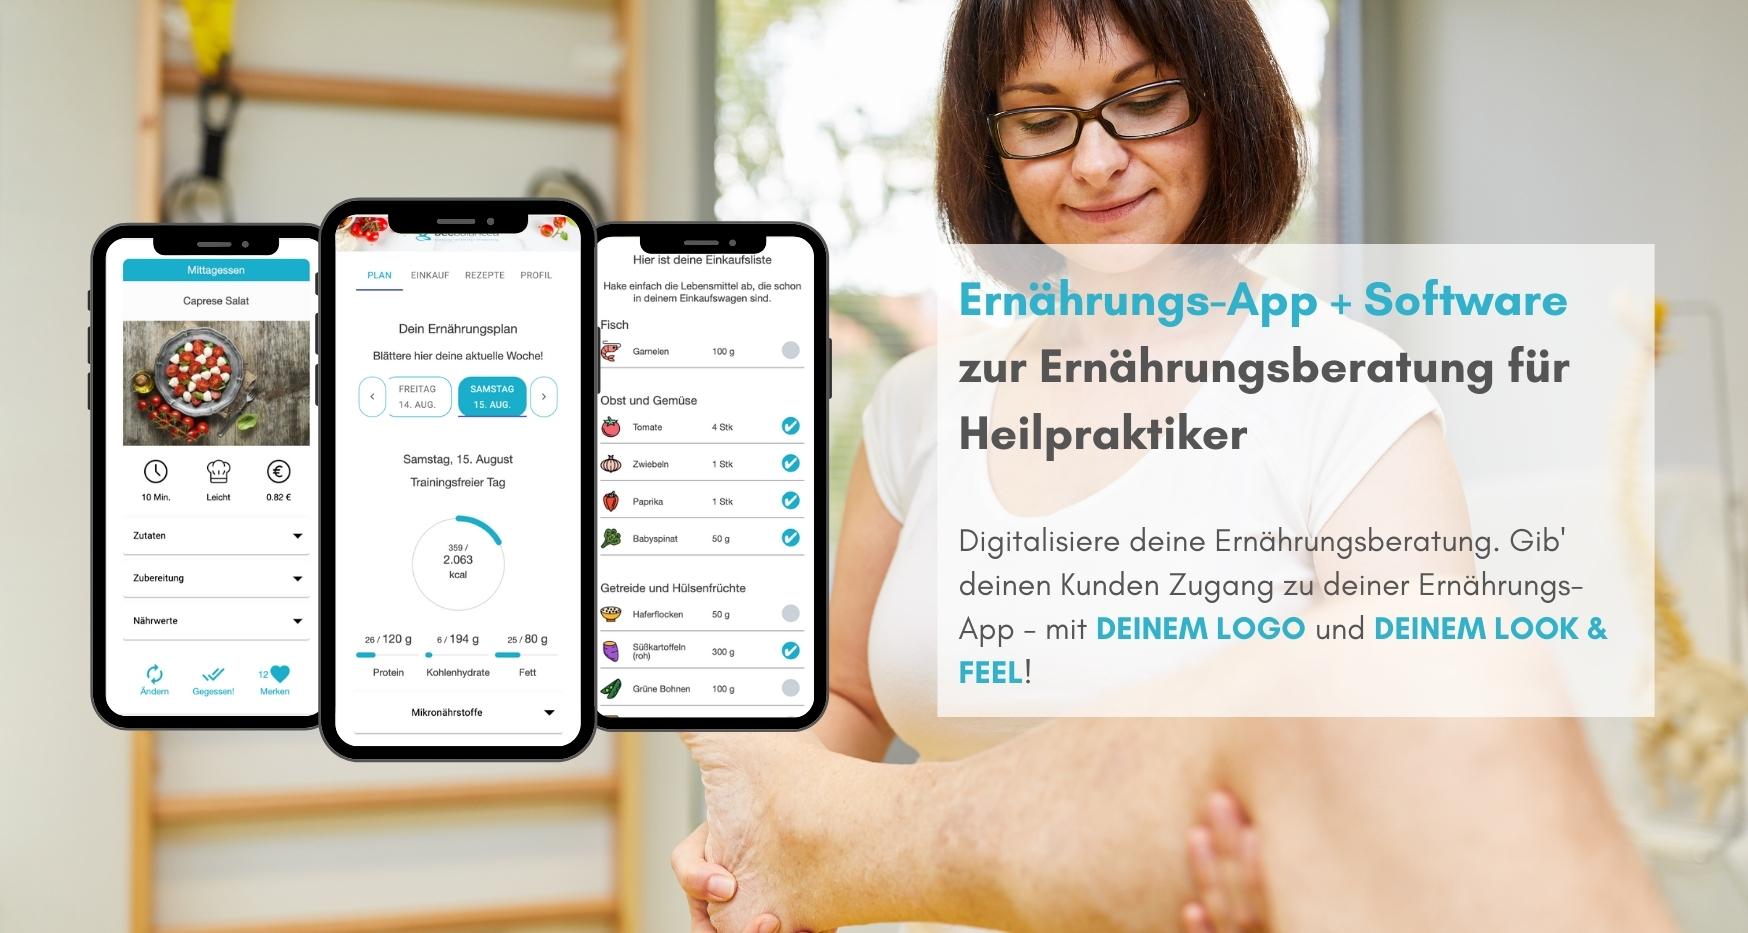 Ernährungs-App für Heilpraktiker als Software für Ernährungsberatung - Ernährungspläne erstellen leicht gemacht